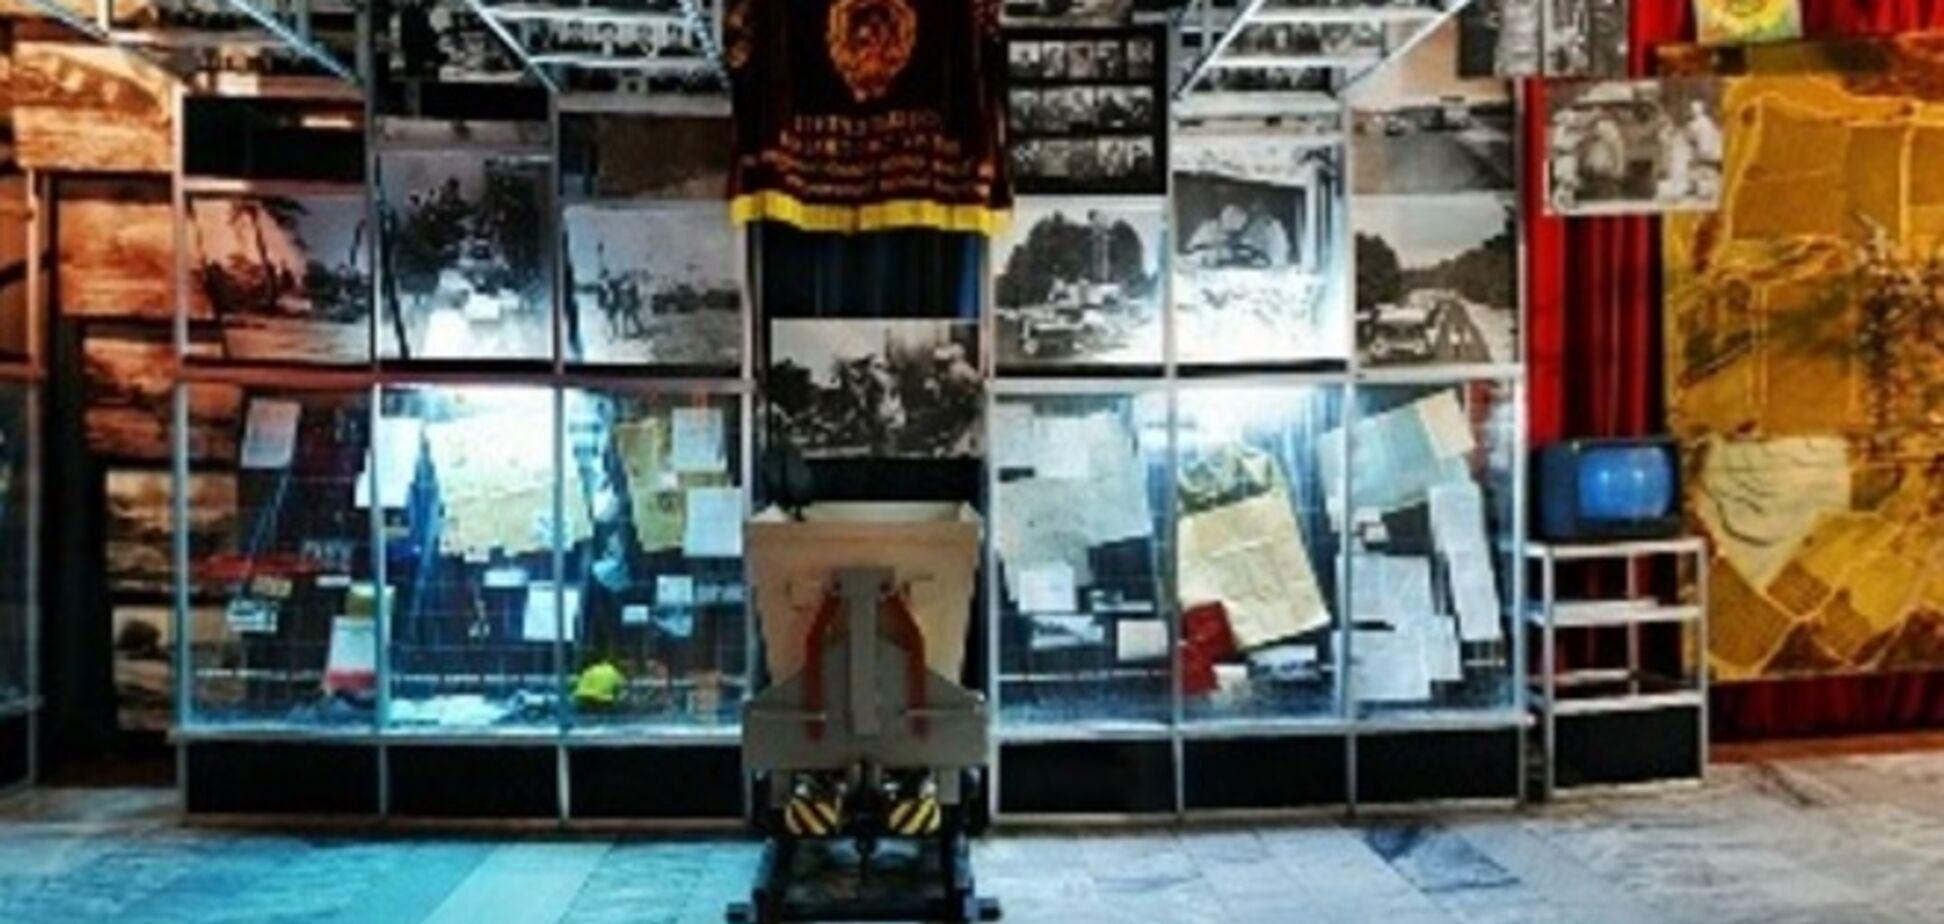 Вход в киевский музей 'Чернобыль' 26 апреля будет бесплатным